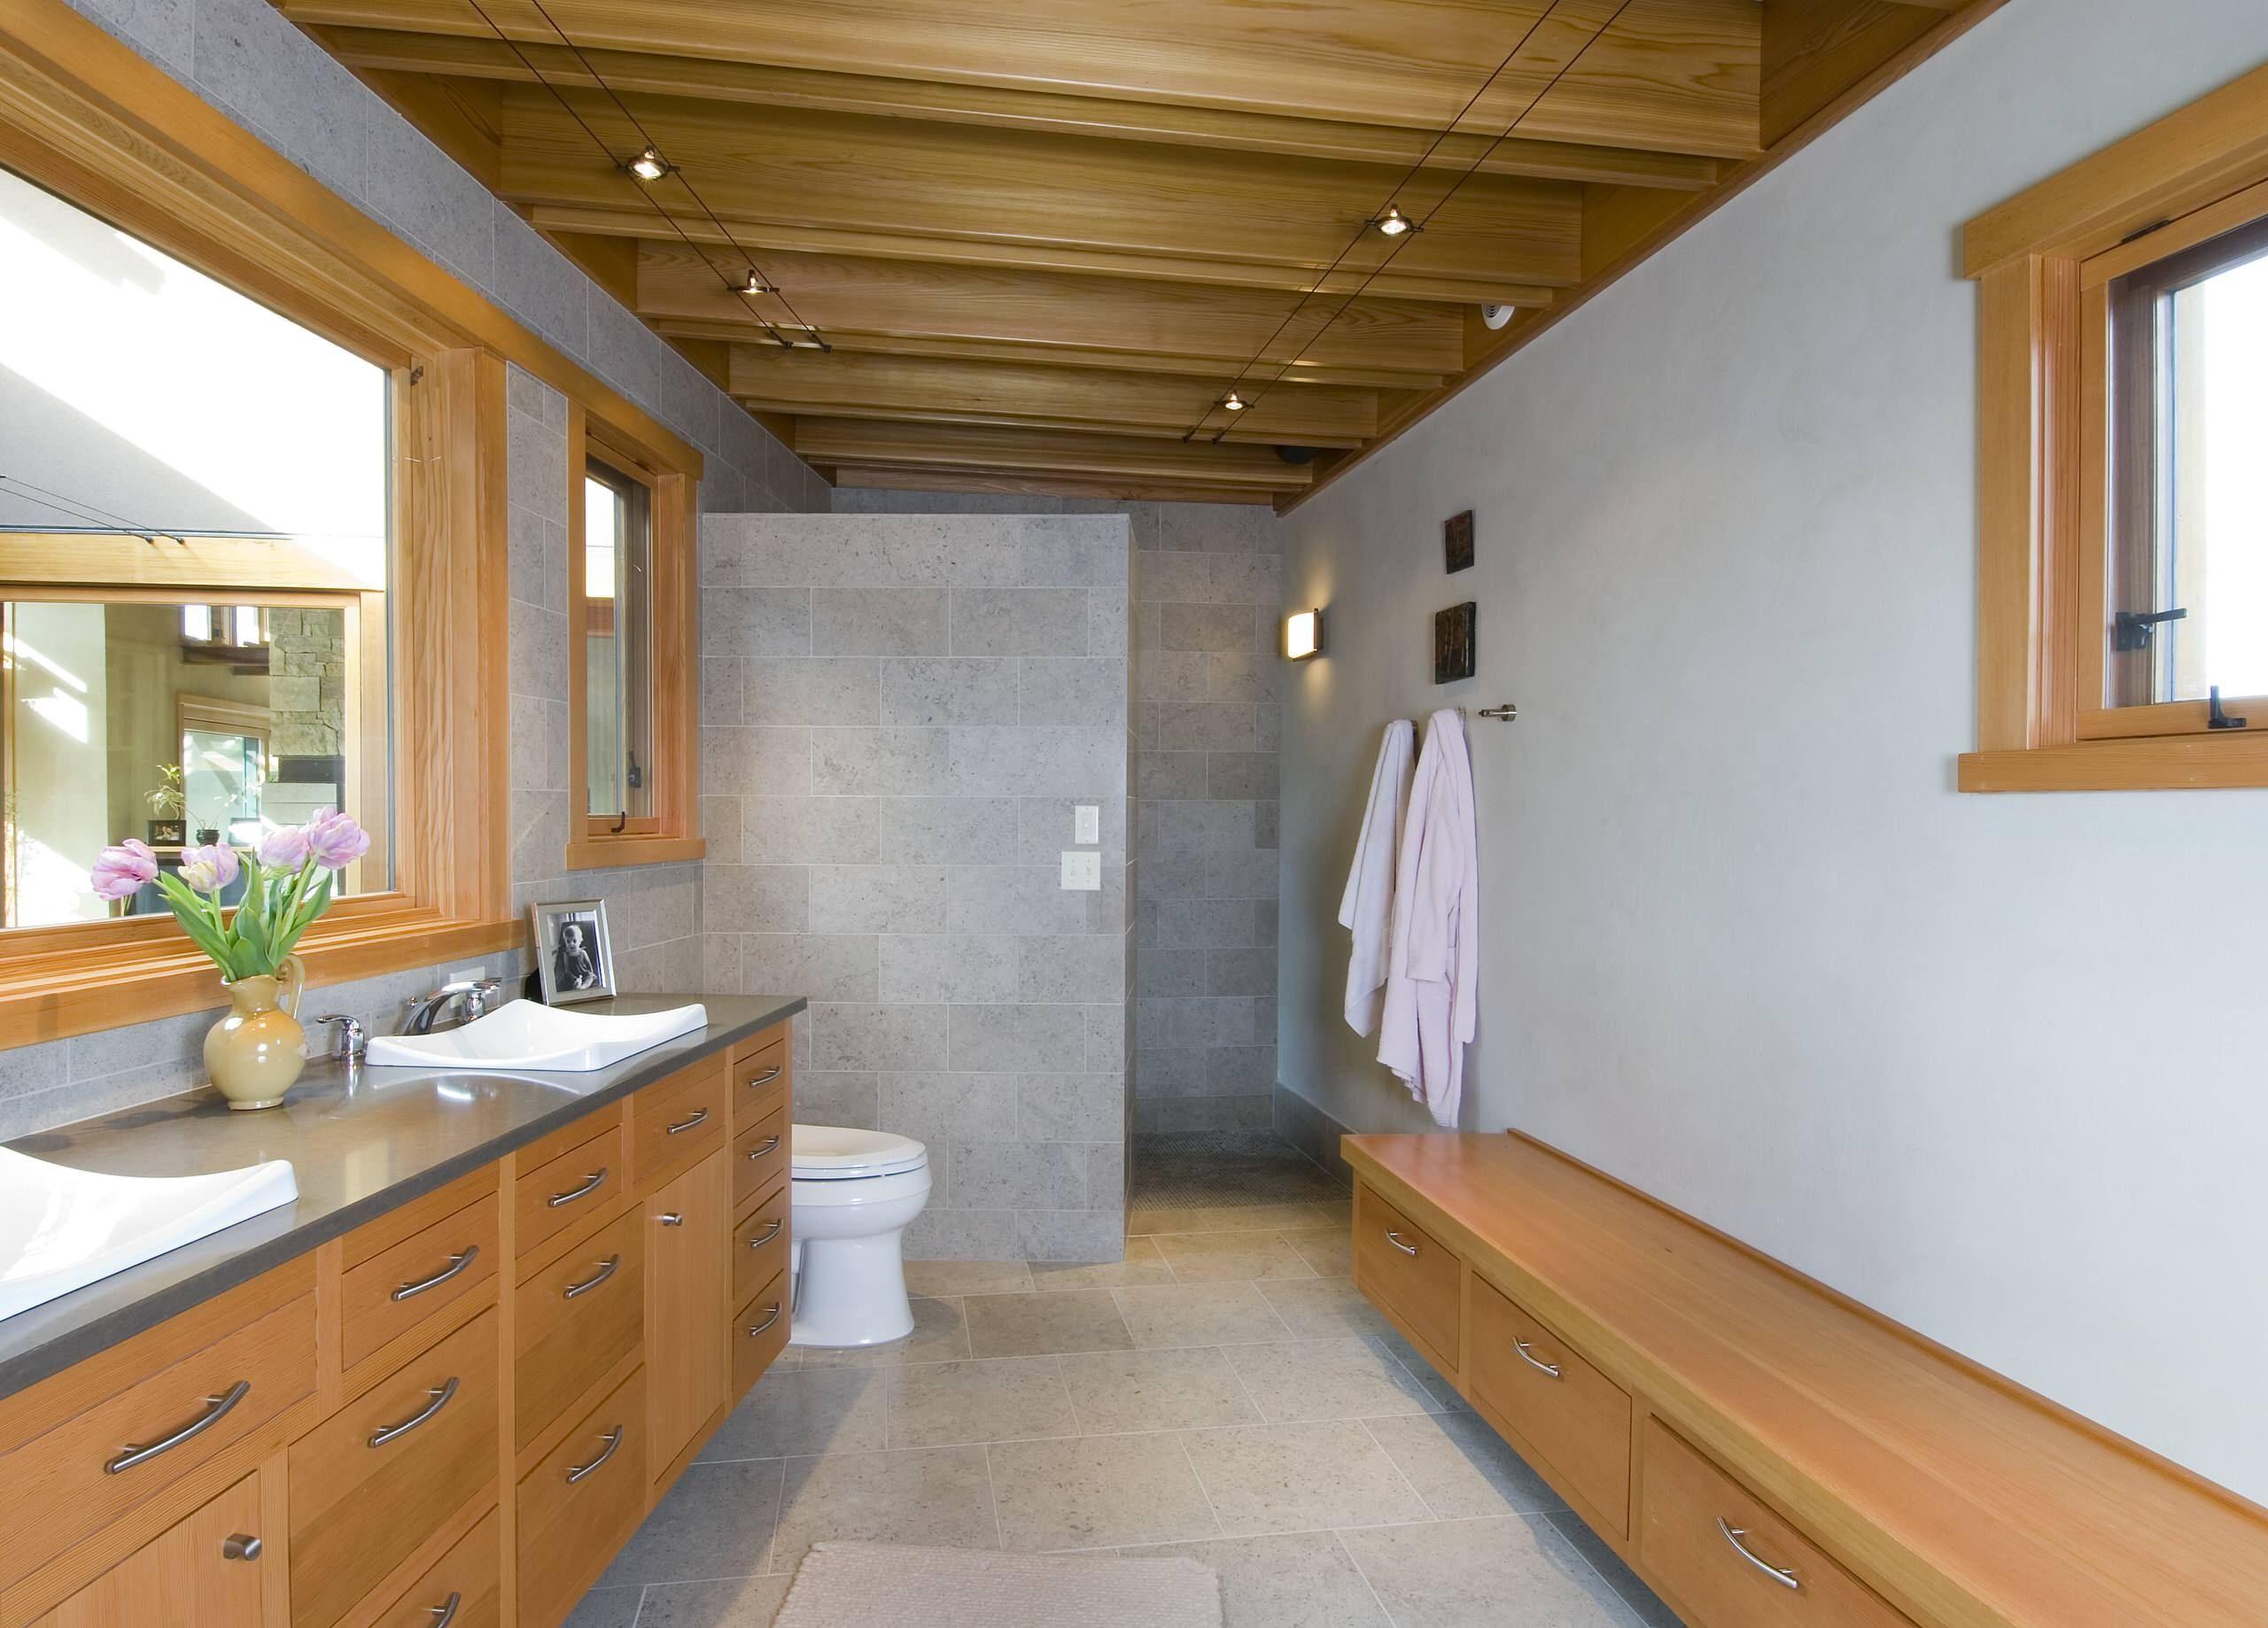 Bathroom:Ceiling Beams Track Lighting Bathroom Doorless Shower Designs  Floating Vanity Double Sinks Benches Plus